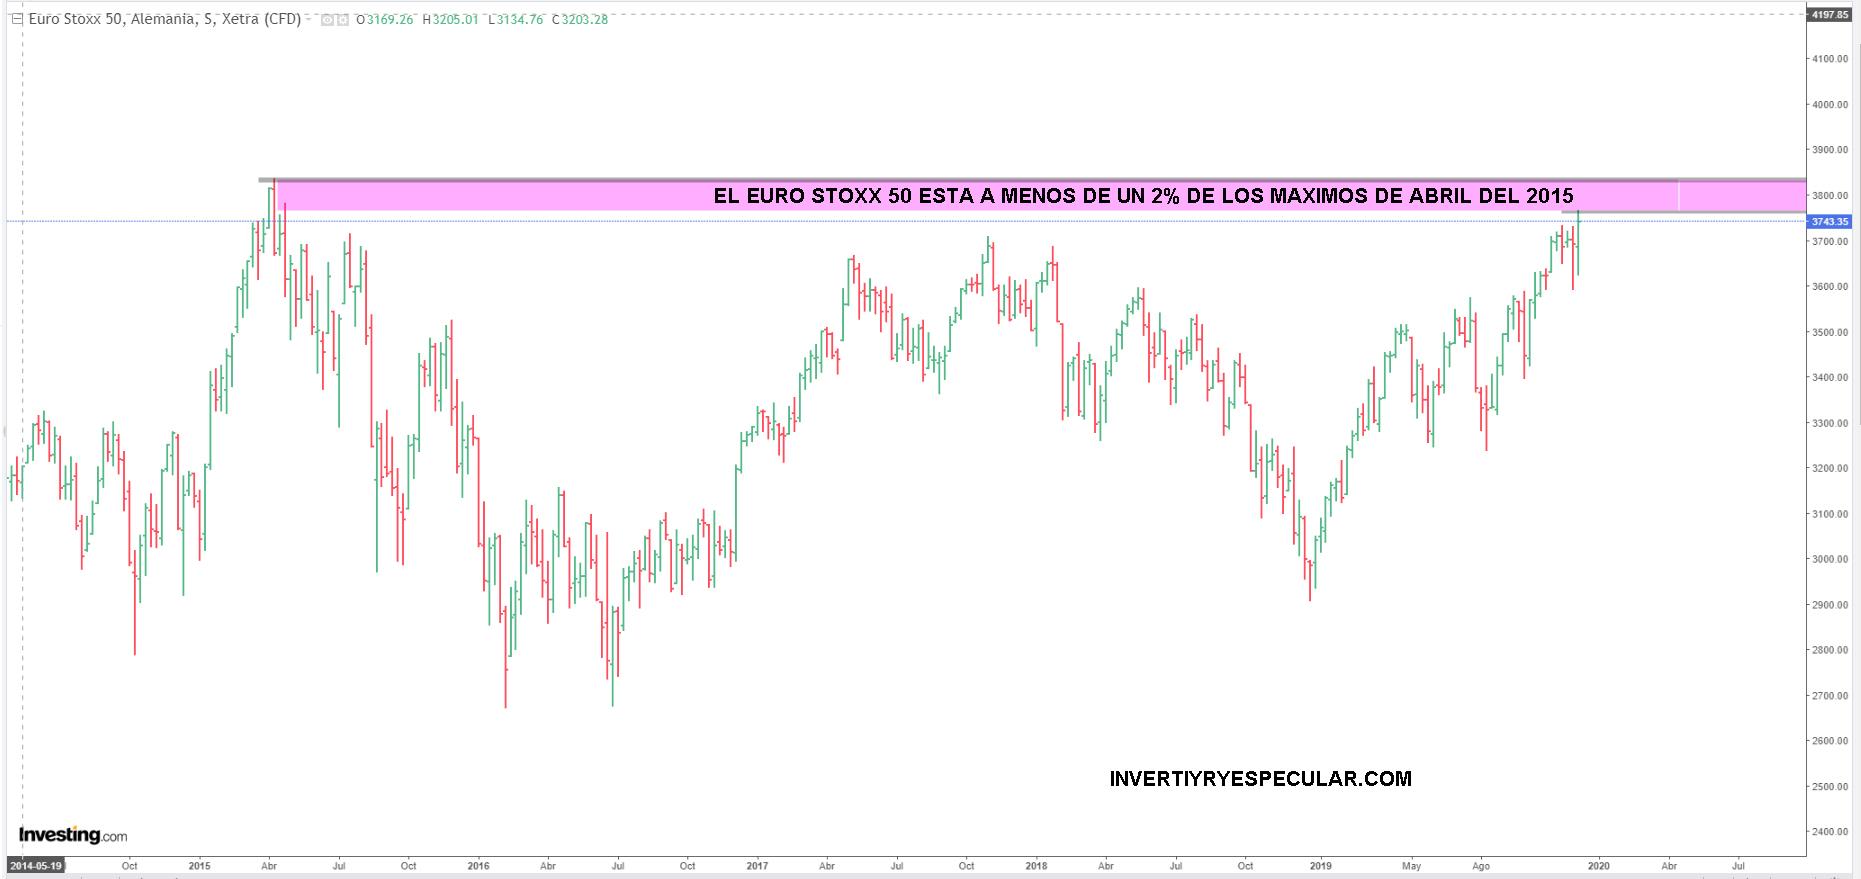 El Euro Stoxx quiere volver a máximos del 2015